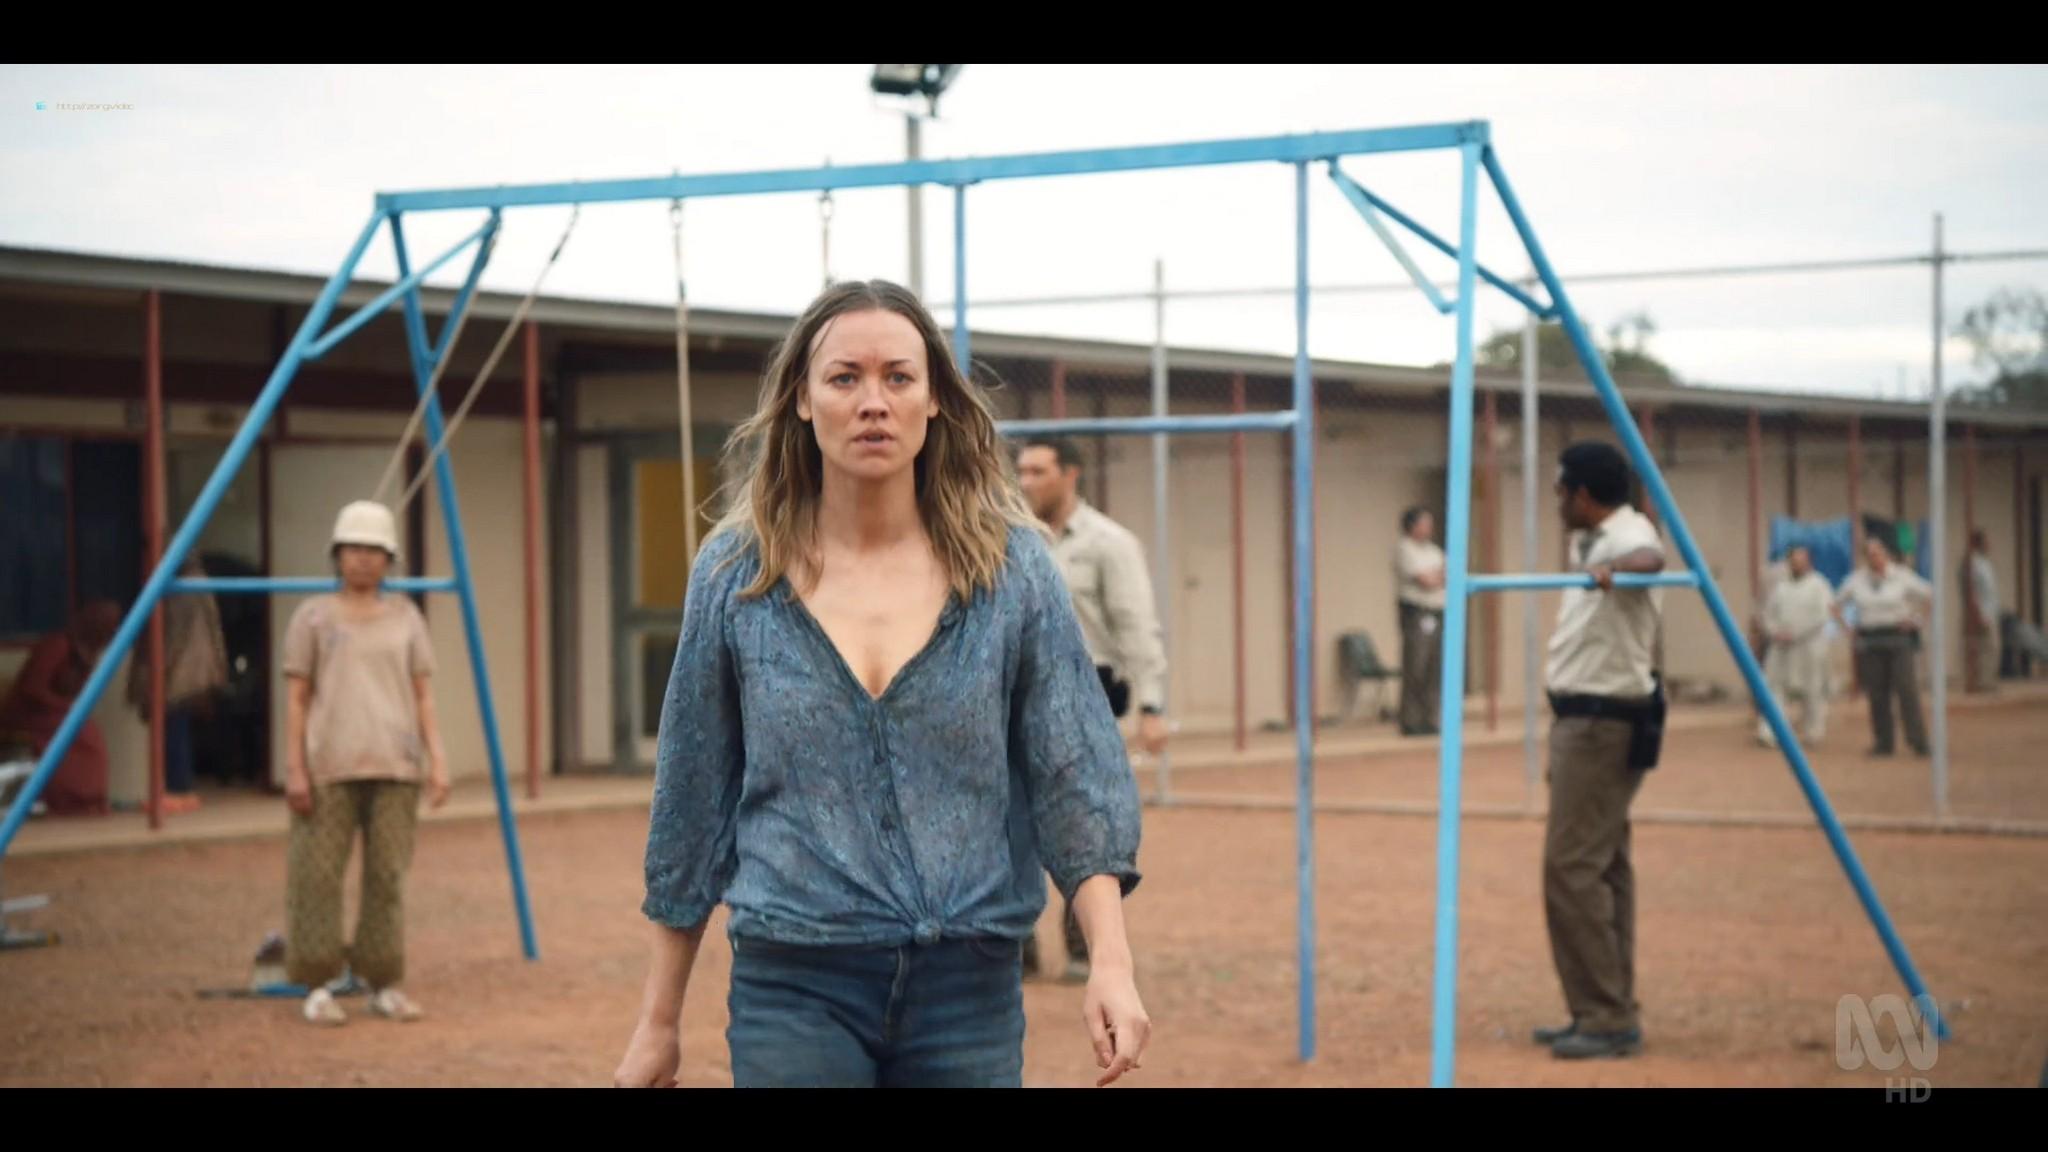 Yvonne Strahovski hot and sexy - Stateless (2020) s1e2 HD 1080p WEB (7)